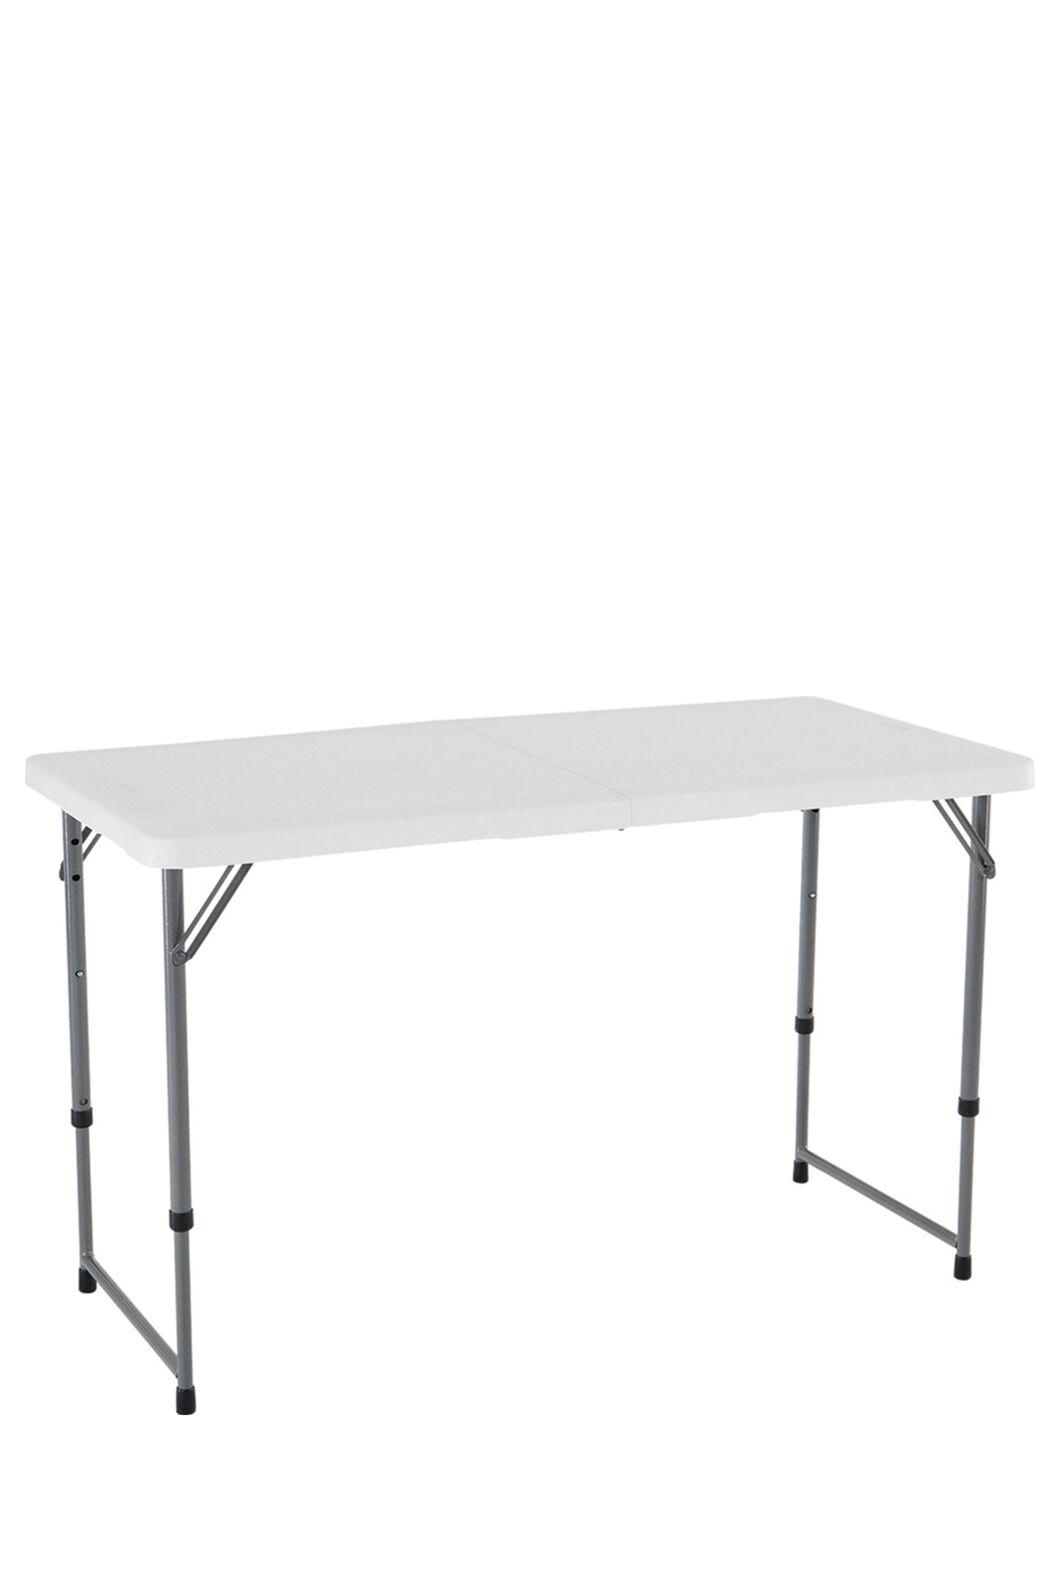 Lifetime Blow Mould Folding Table (121 cm), None, hi-res